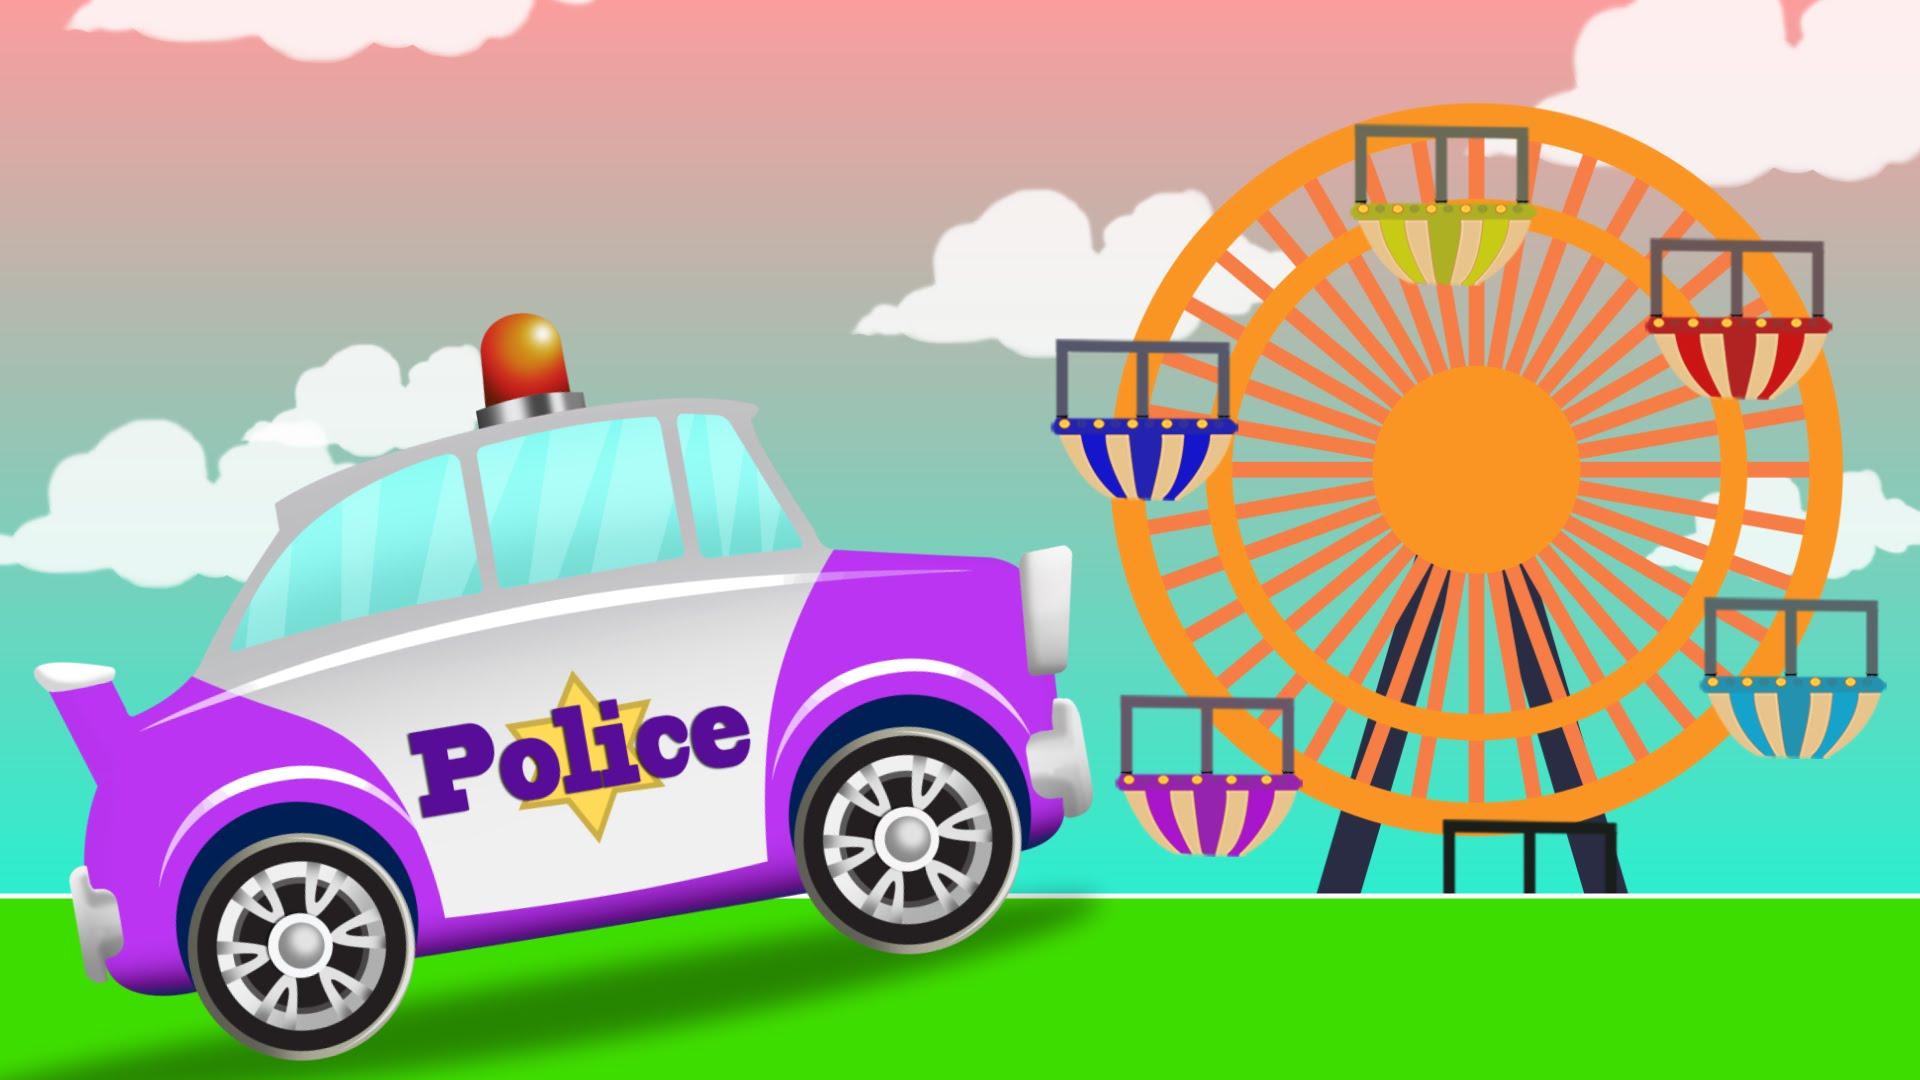 Park police clipart car image transparent library Police Car Adventures | Amusement Park | Cops Car for Children ... image transparent library